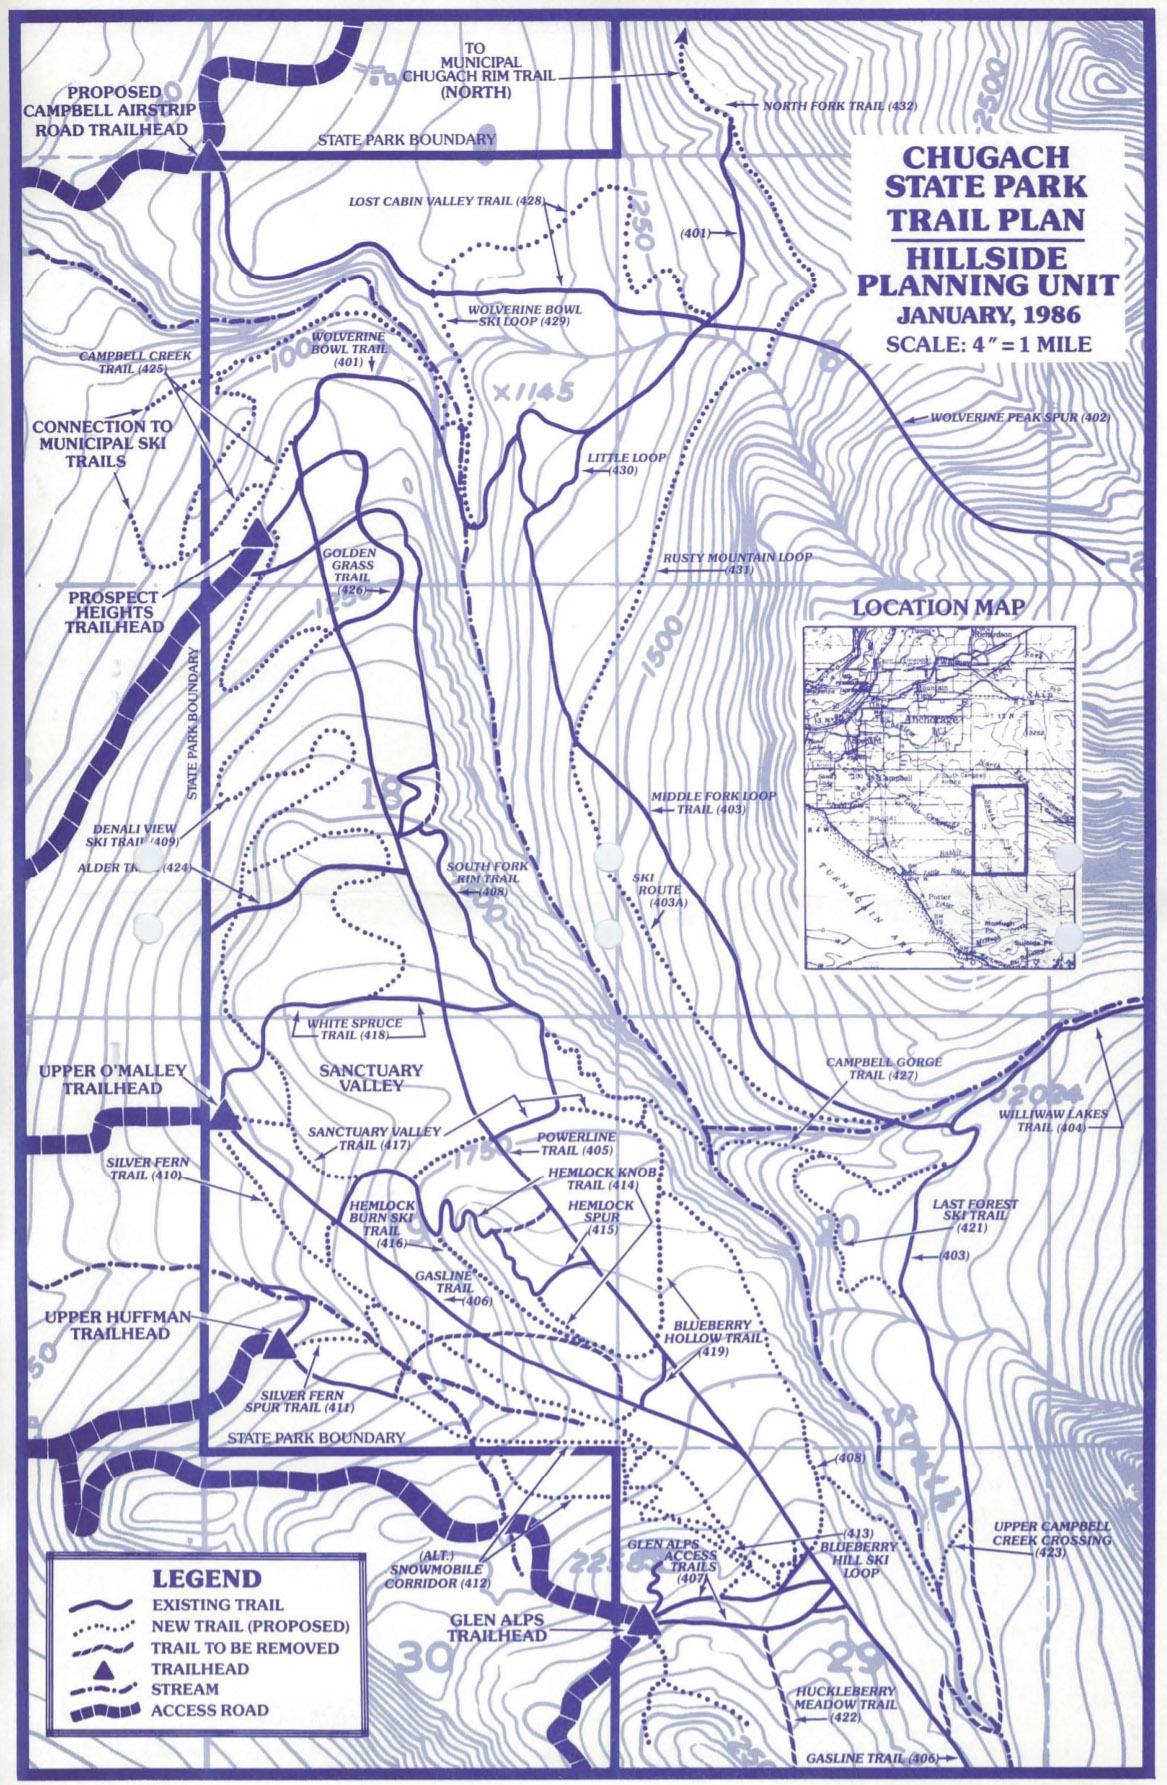 Chugach State Park Trail Plan